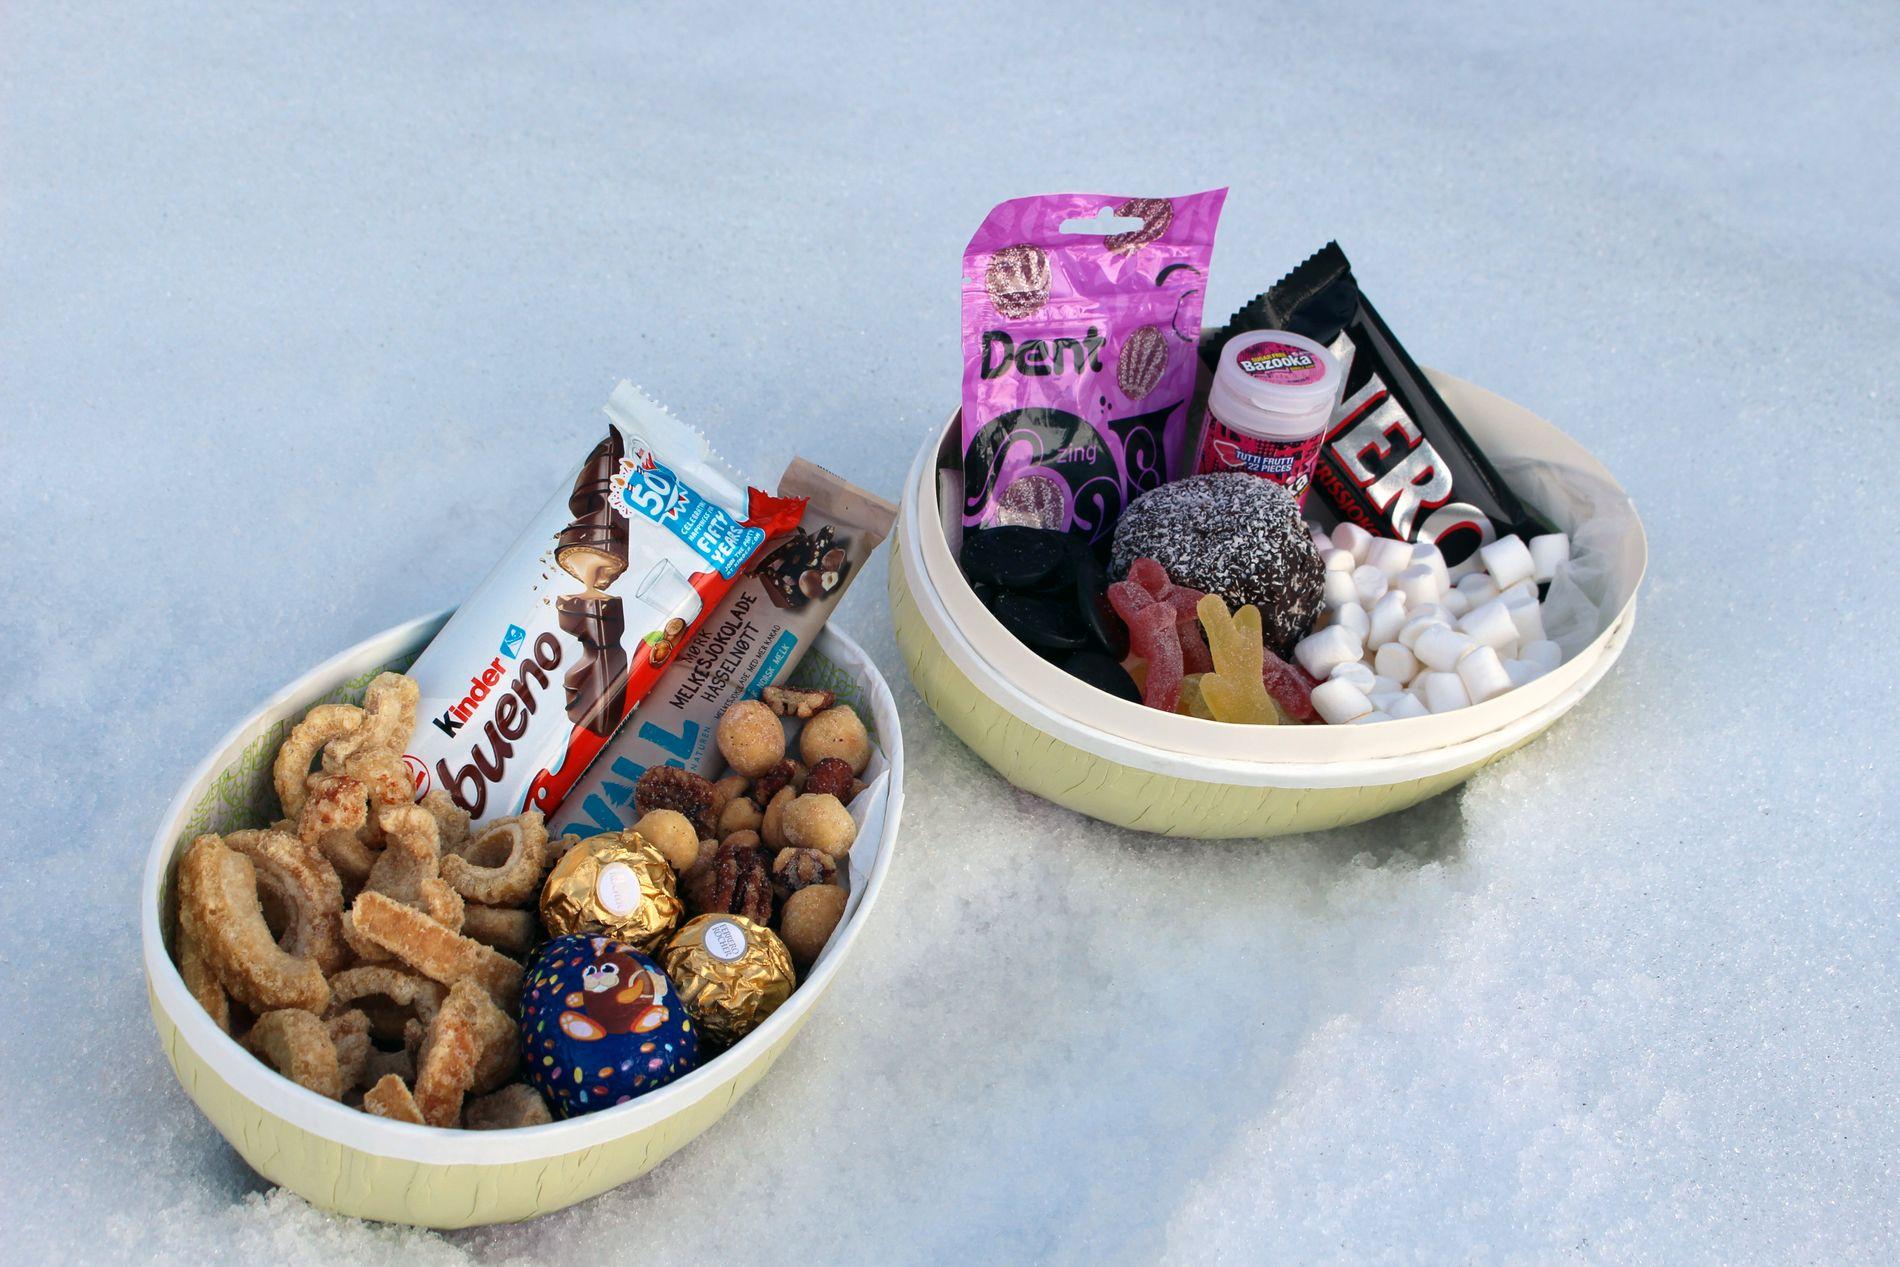 TO LIKE TUNGE PÅSKEEGG: Hvilket frister mest, egget til høyre eller venstre, eller en kombinasjon?   Egget til venstre inneholder fleskesvor, honningglaserte nøtter, Smarties-påskeegg, Kinder Bueno, mørk melkesjokolade med hasselnøtt og Ferrero Rocher. Egget til høyre inneholder kokosbolle, seigmenn, Dent-pastiller, marshmallows, lakrispirater, Nero og en tyggegummi (se nøyaktige mengder i faktalisten nede i saken).